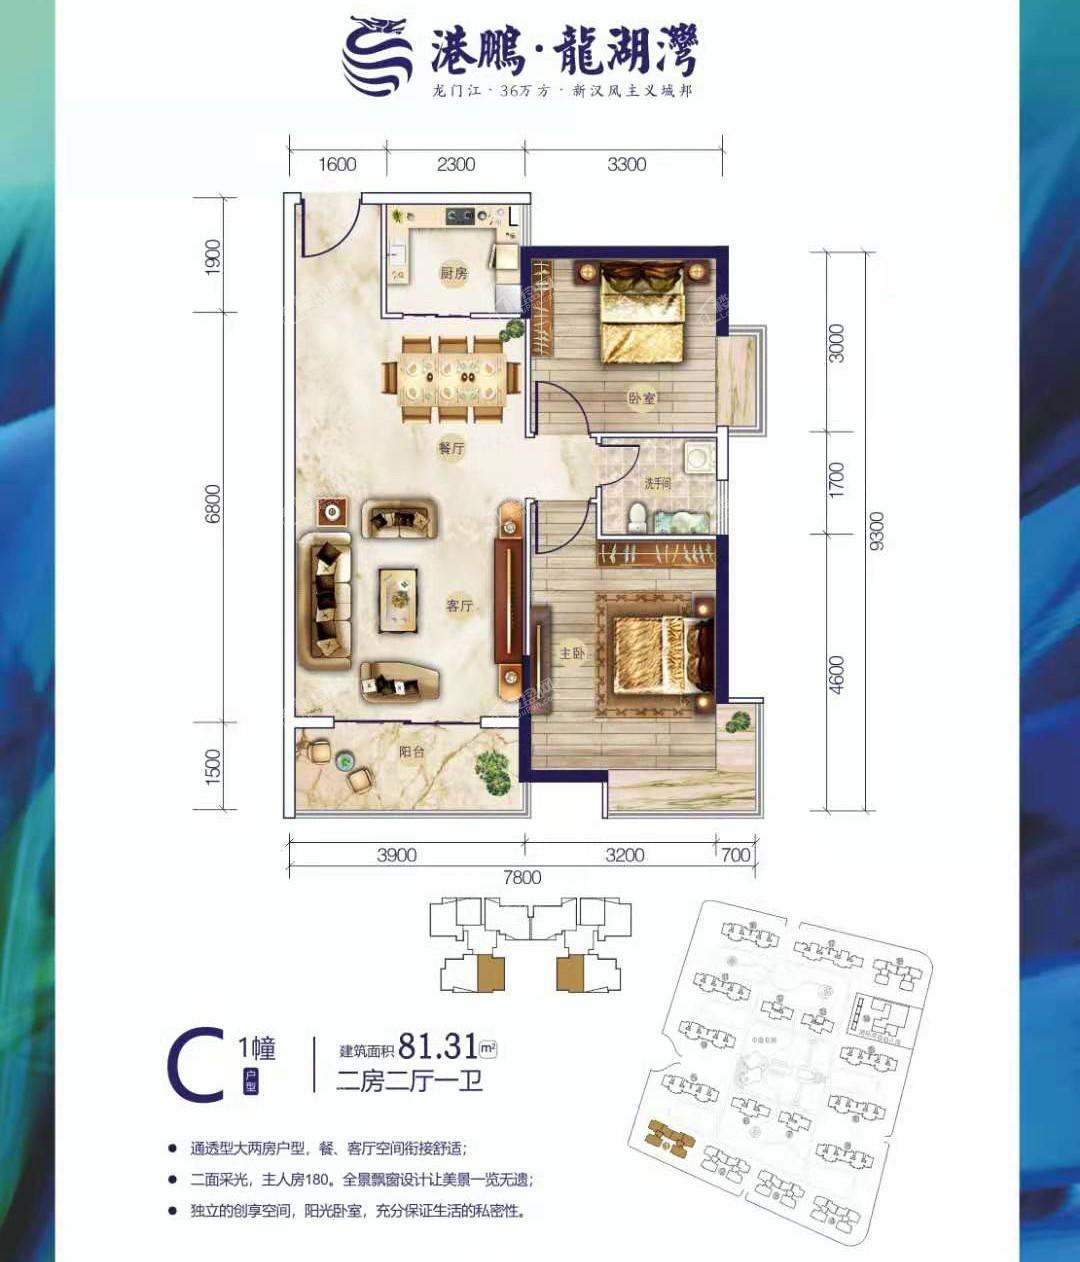 C1幢建面约81.31㎡二房二厅